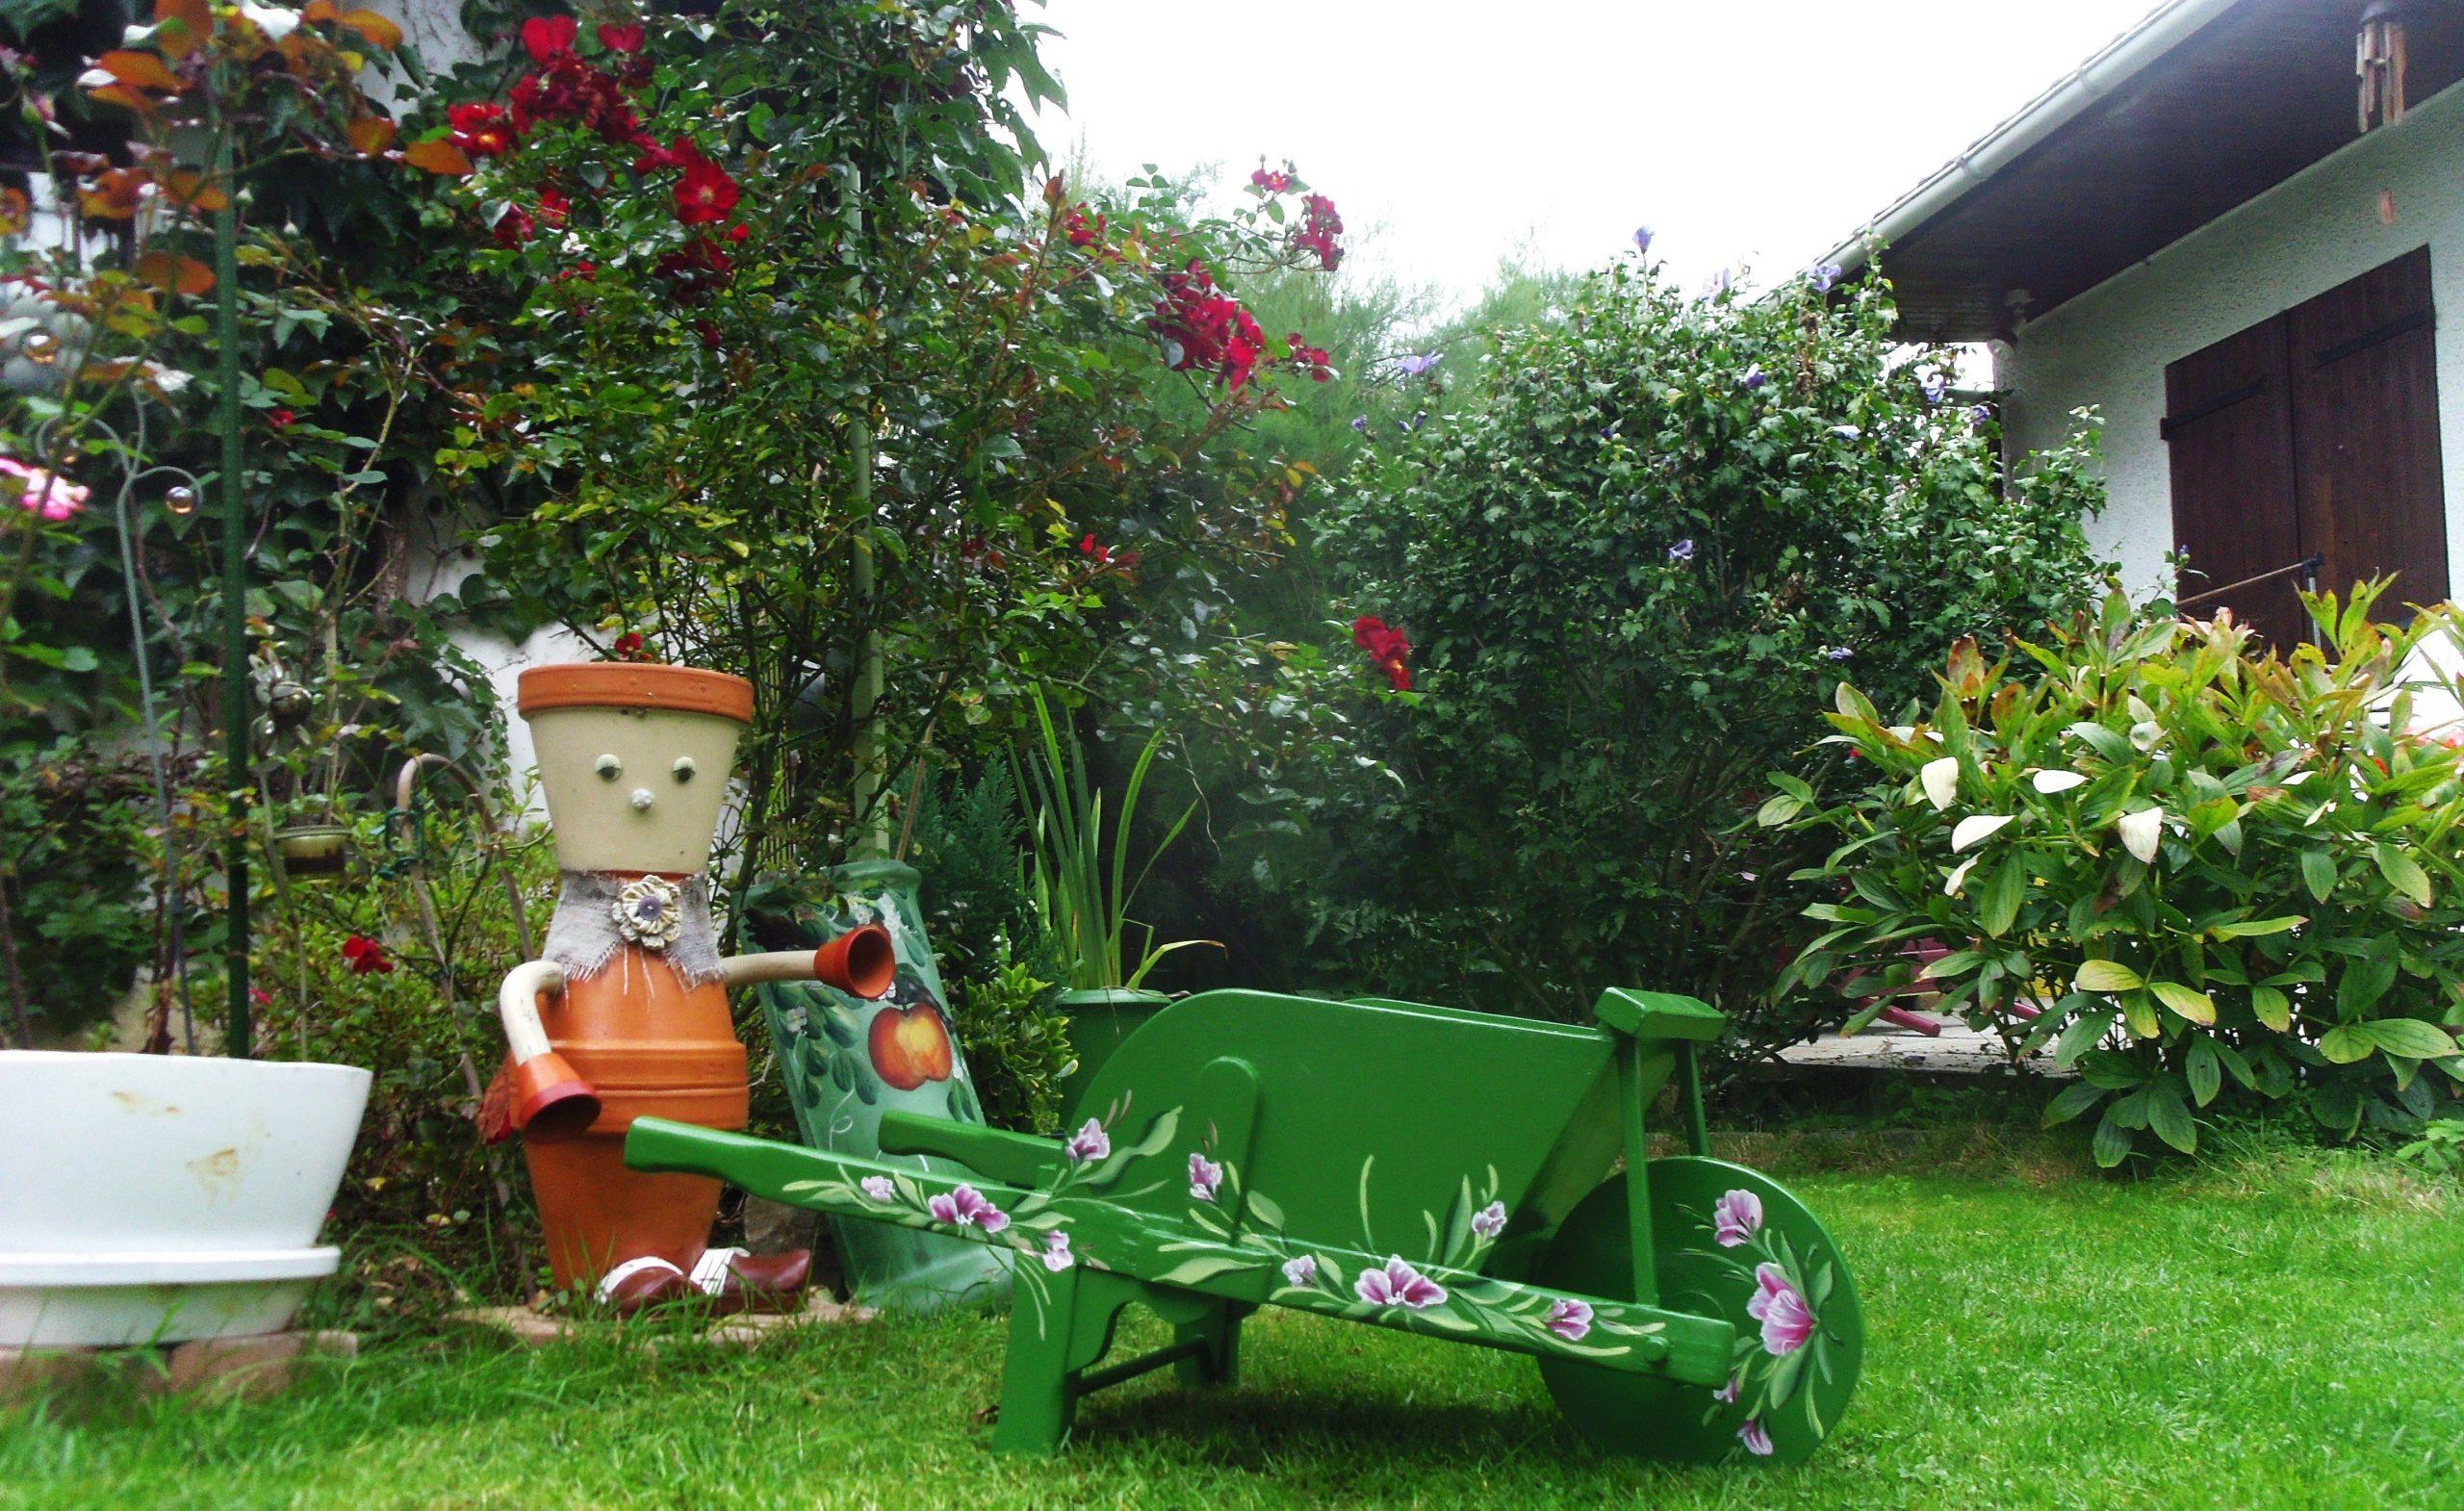 Brouette Décorative Pour Le Jardin Ou La Maison Peinte À La ... dedans Brouette Deco Jardin